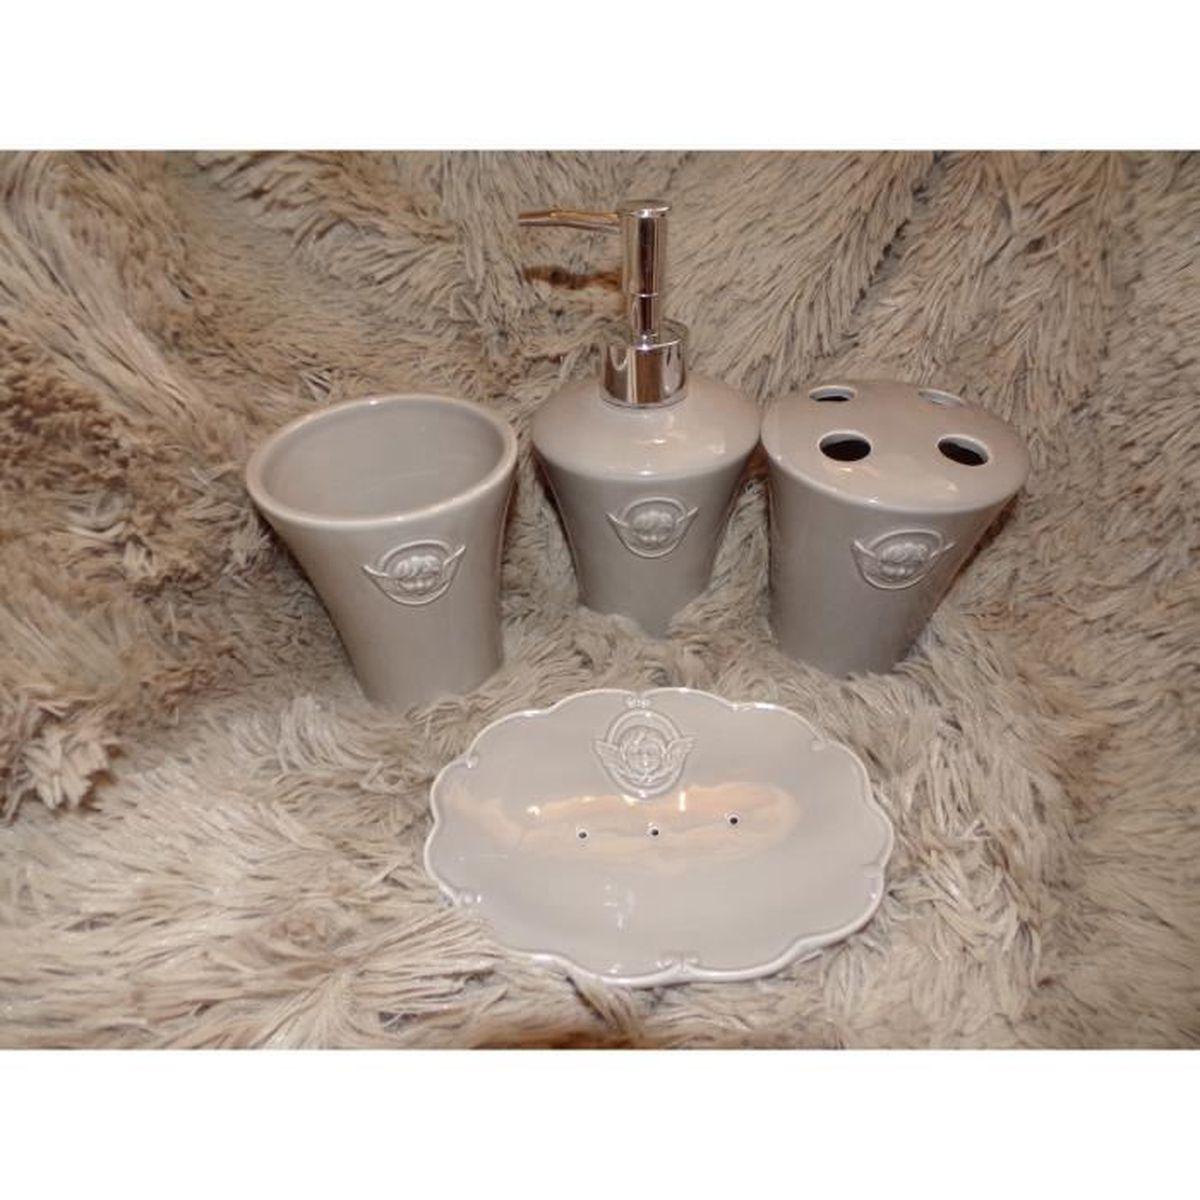 Salle De Bain Taupe en ce qui concerne coffret 4 accessoires salle de bain taupe raphael decor ange